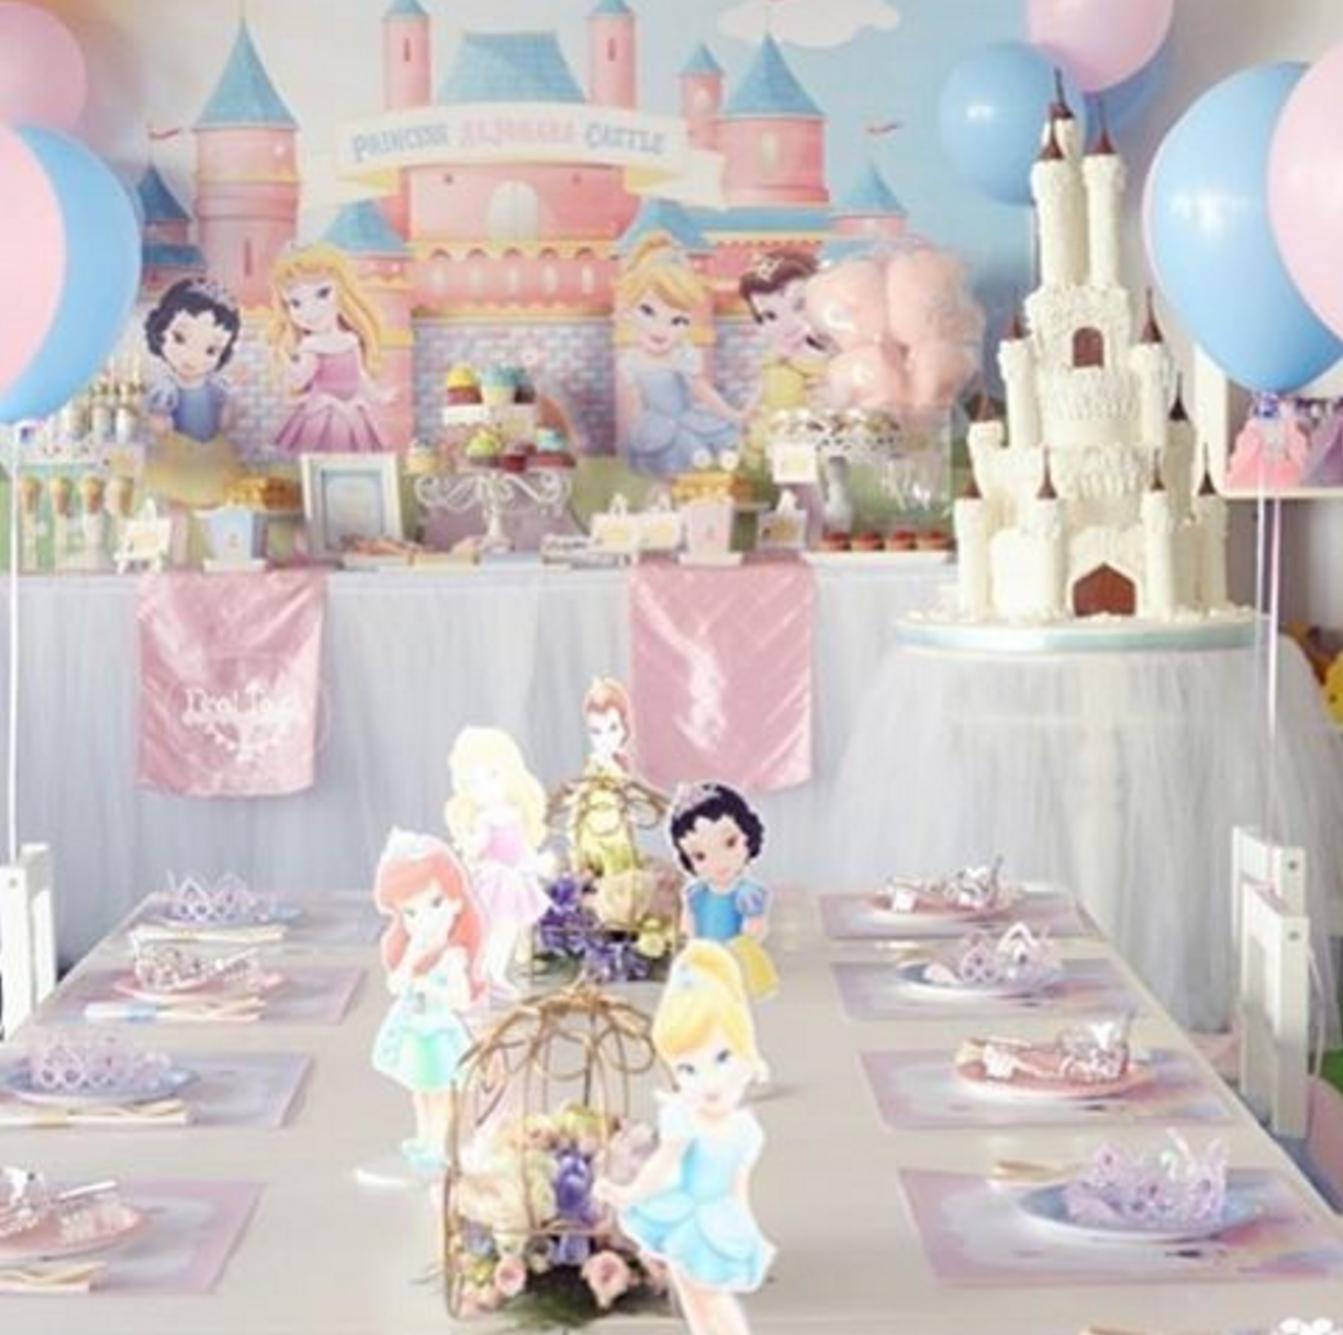 Fiesta tem tica de princesas disney - Decoracion fiesta princesas disney ...